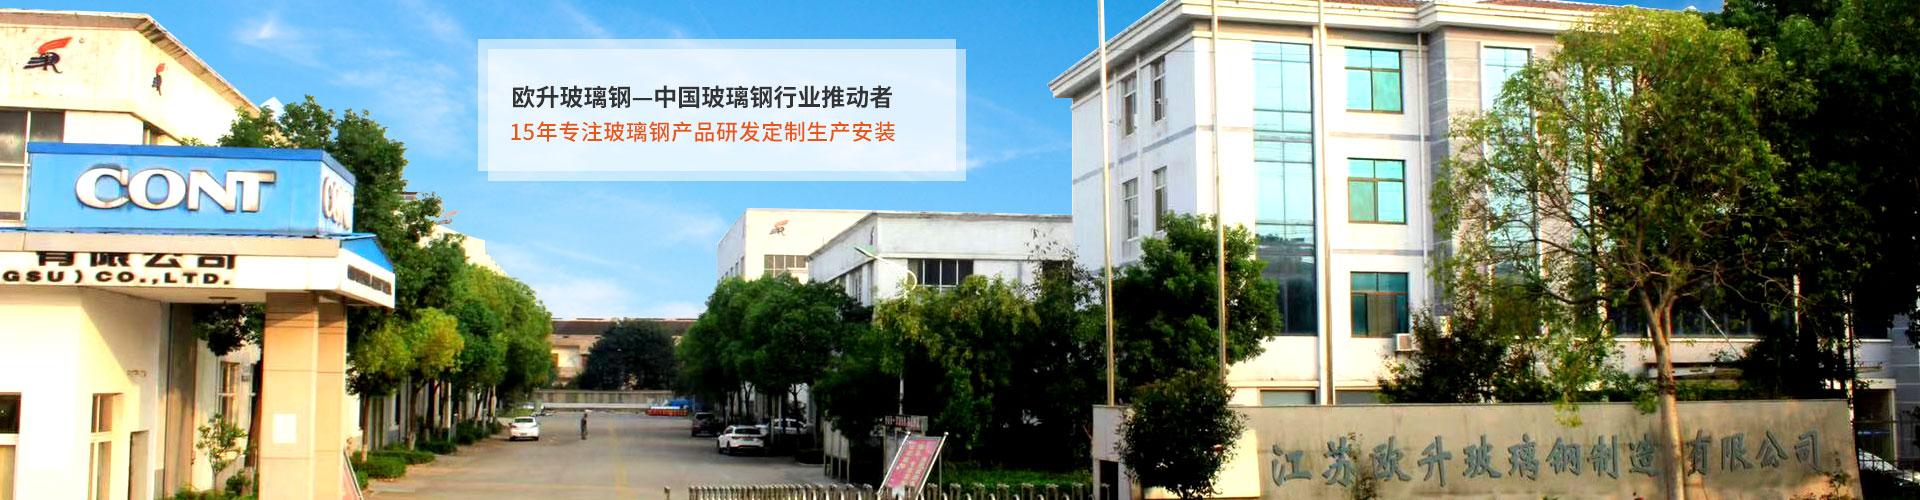 欧升玻璃钢,中国玻璃钢行业推动者